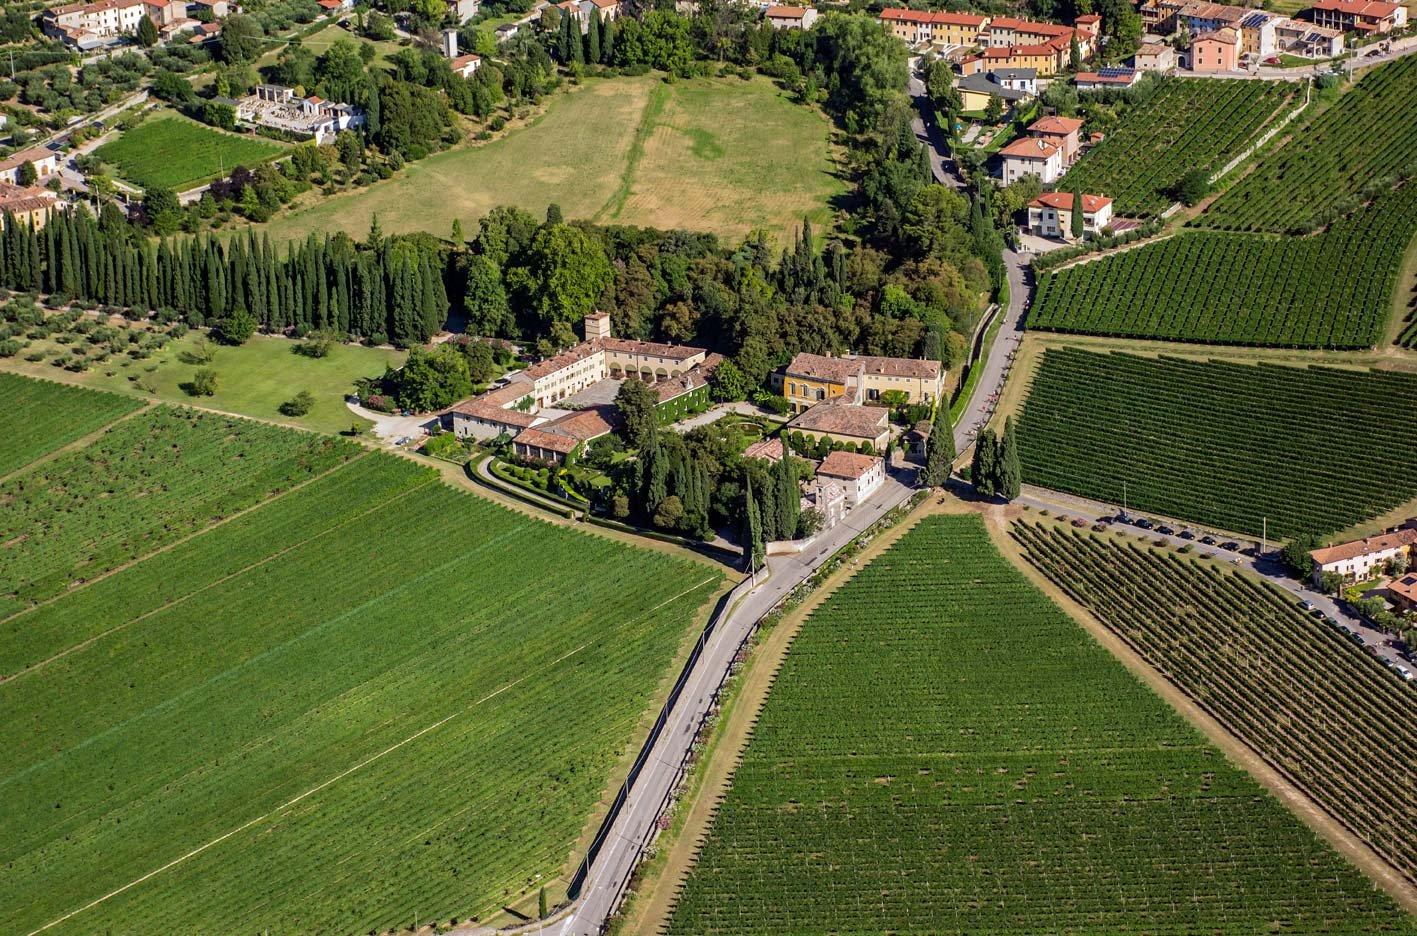 Villa Serego Alighieri Welcome to the Castle